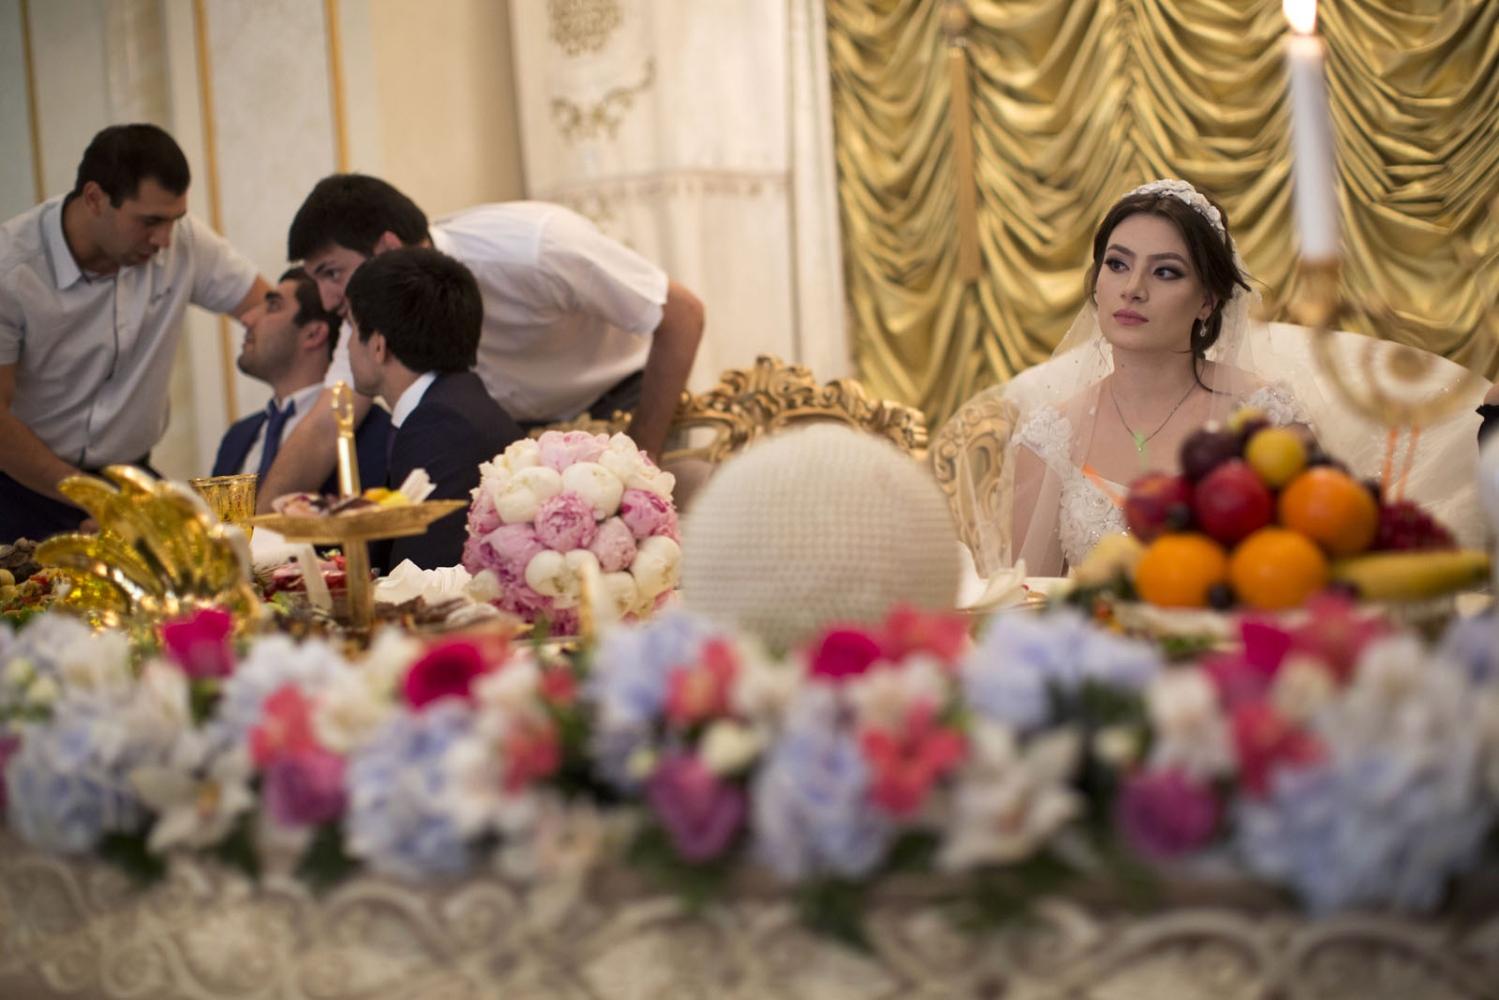 Кавказские тосты женщинам и мужчинам 75